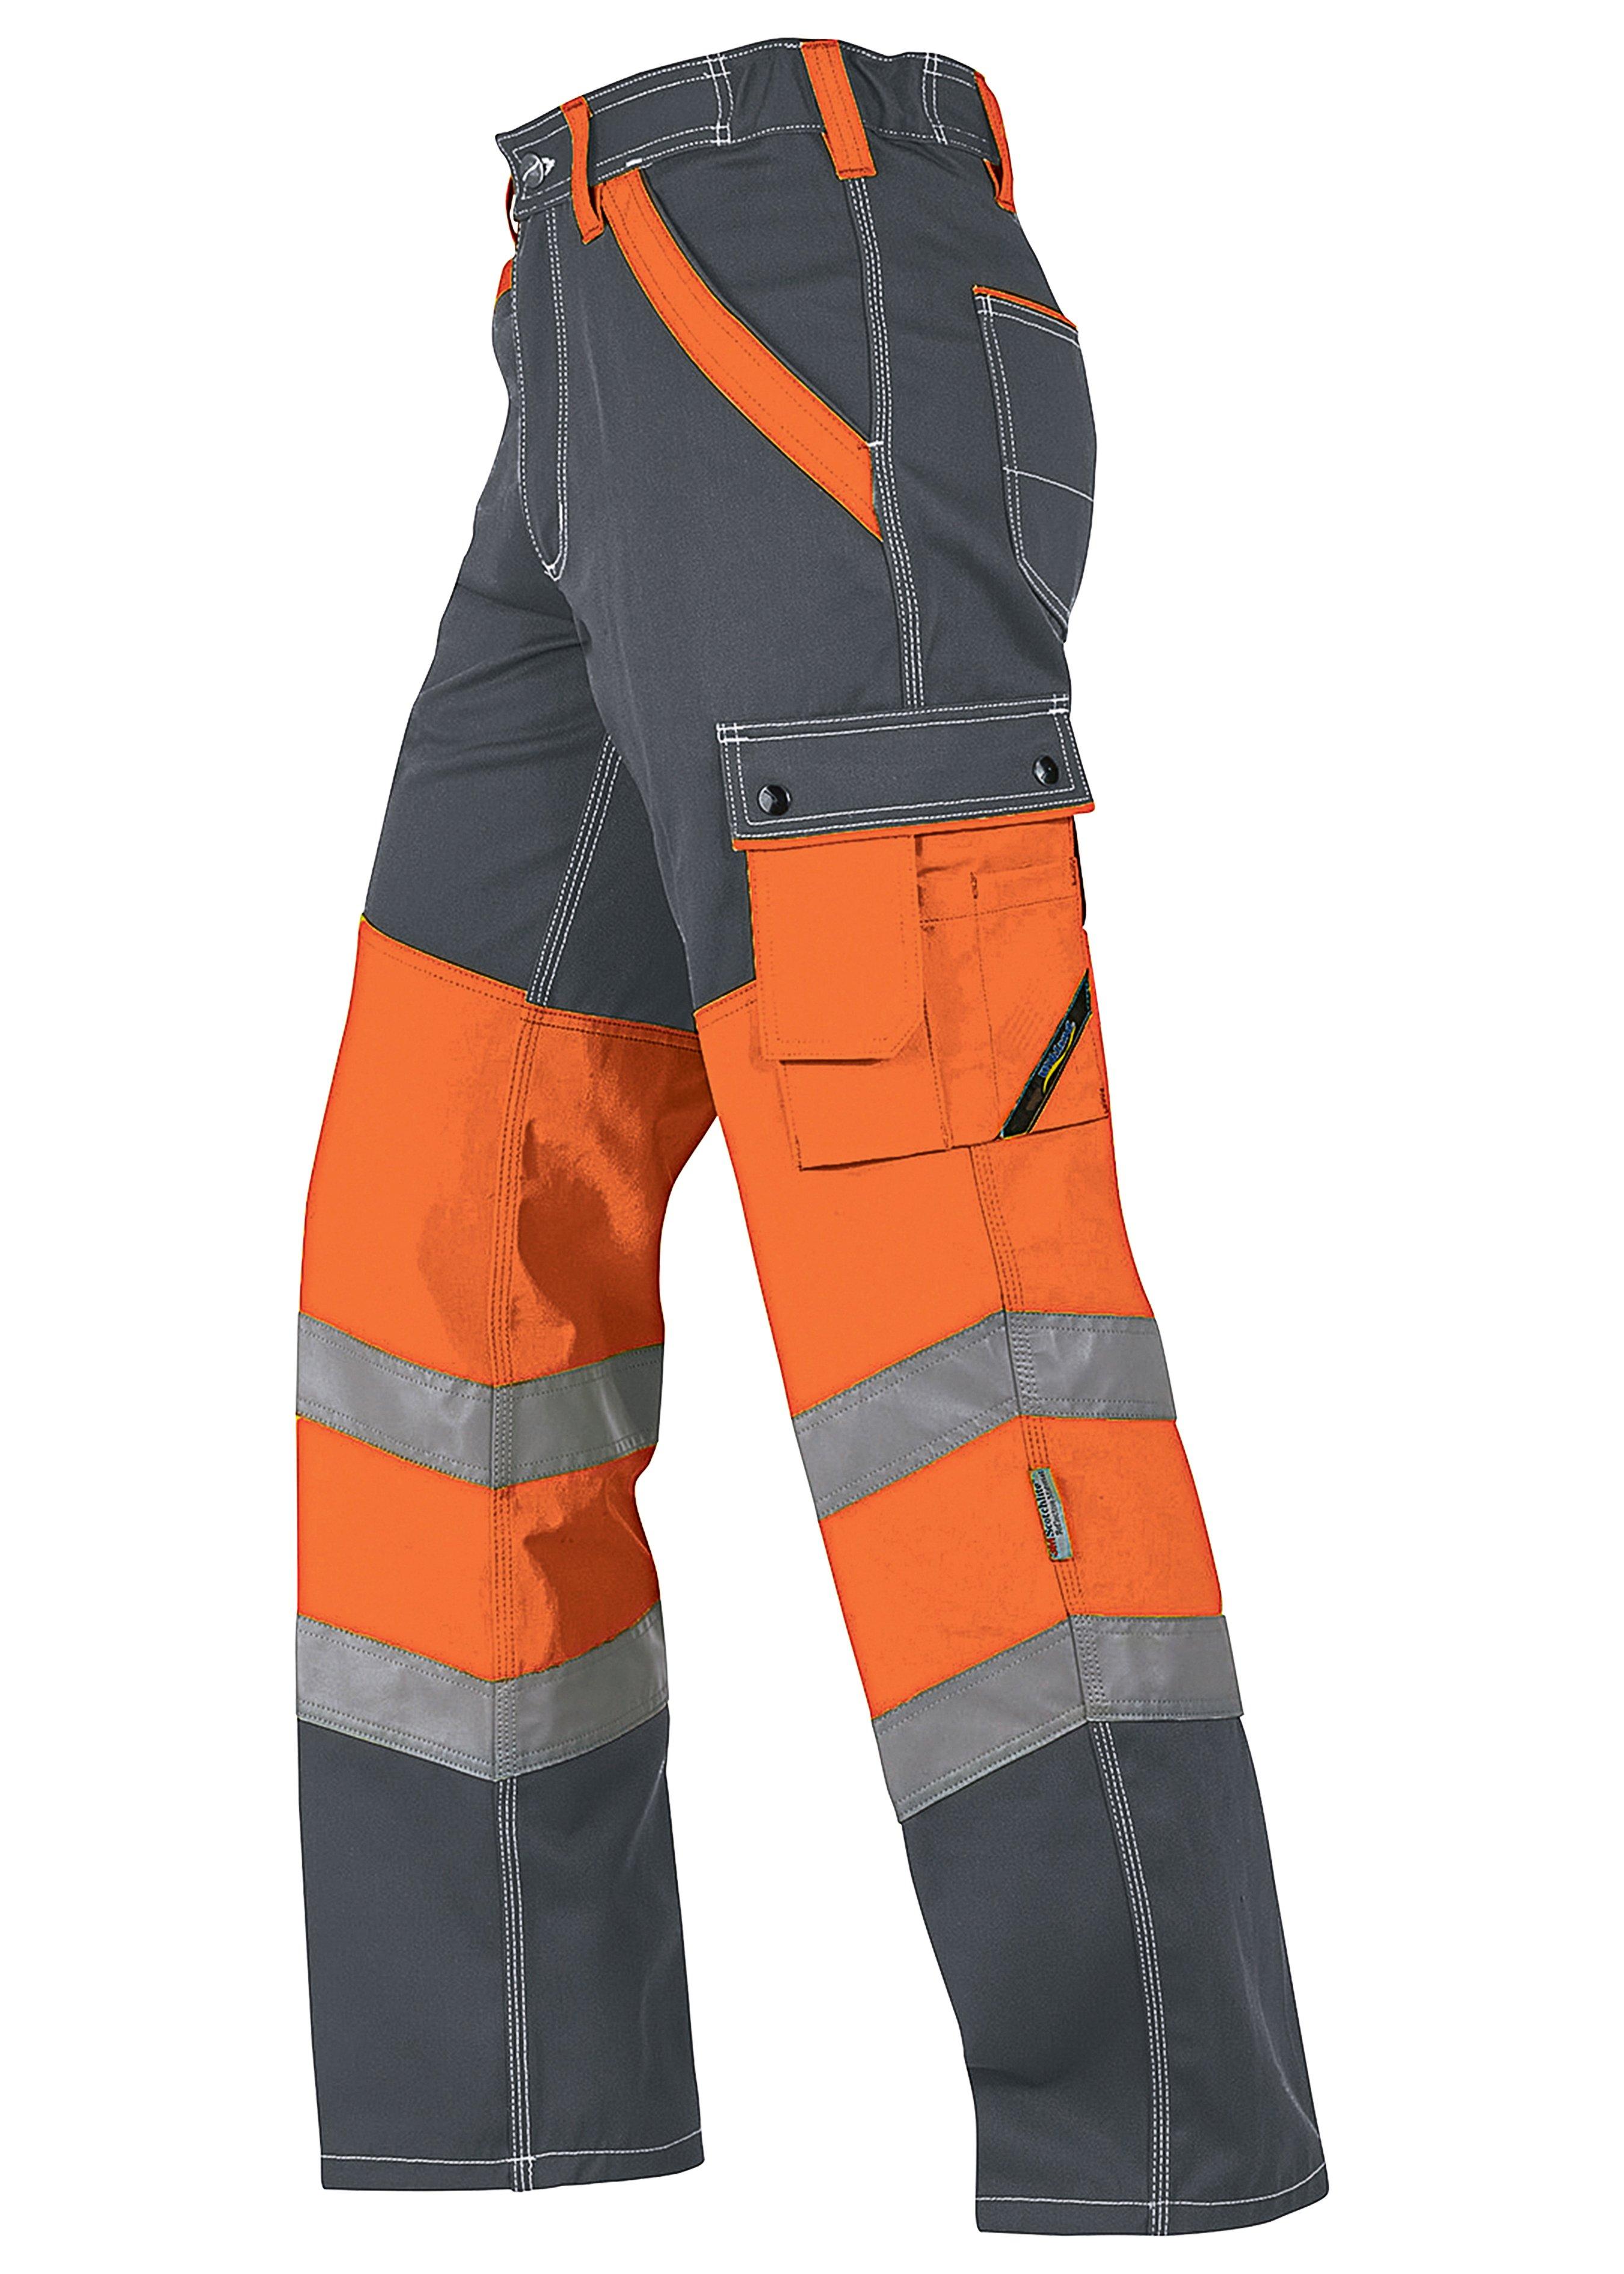 Wikland Warnschutz Arbeitshose 1234 mit 3M®-Reflexstreifen 23001138 1